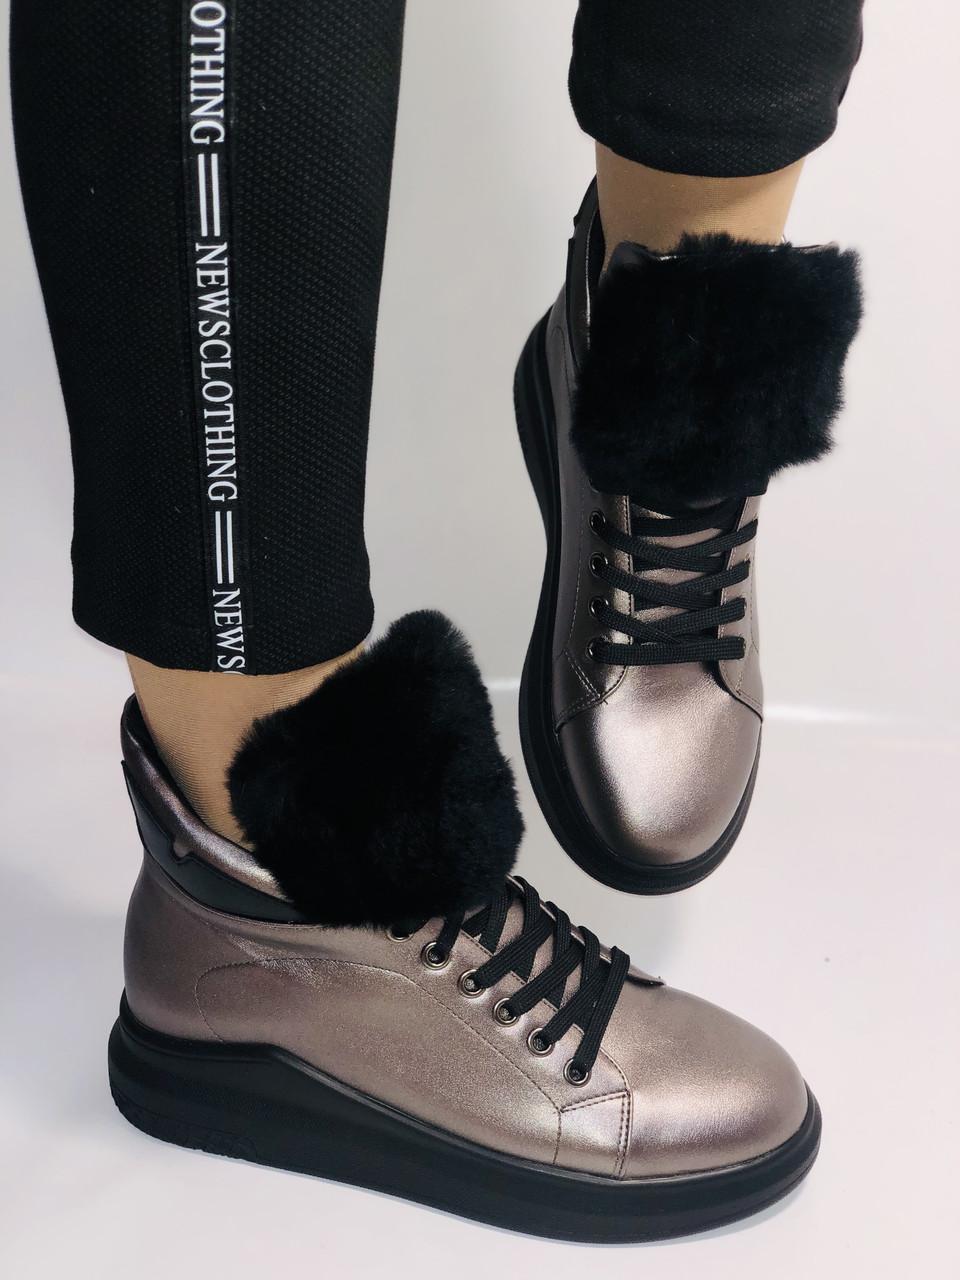 Жіночі осінні черевики. На плоскій підошві. Lonza. Р. 37.38.39.40.Vellena